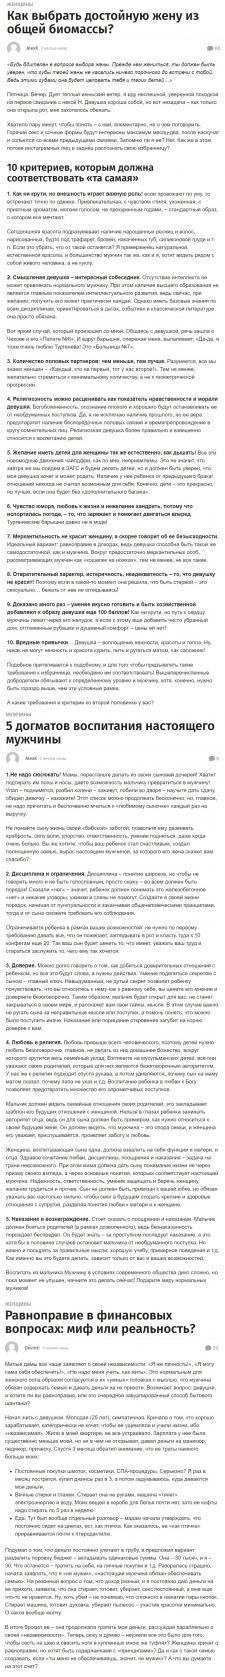 ЖЕНСКИЕ | Портал AskGirls.ru